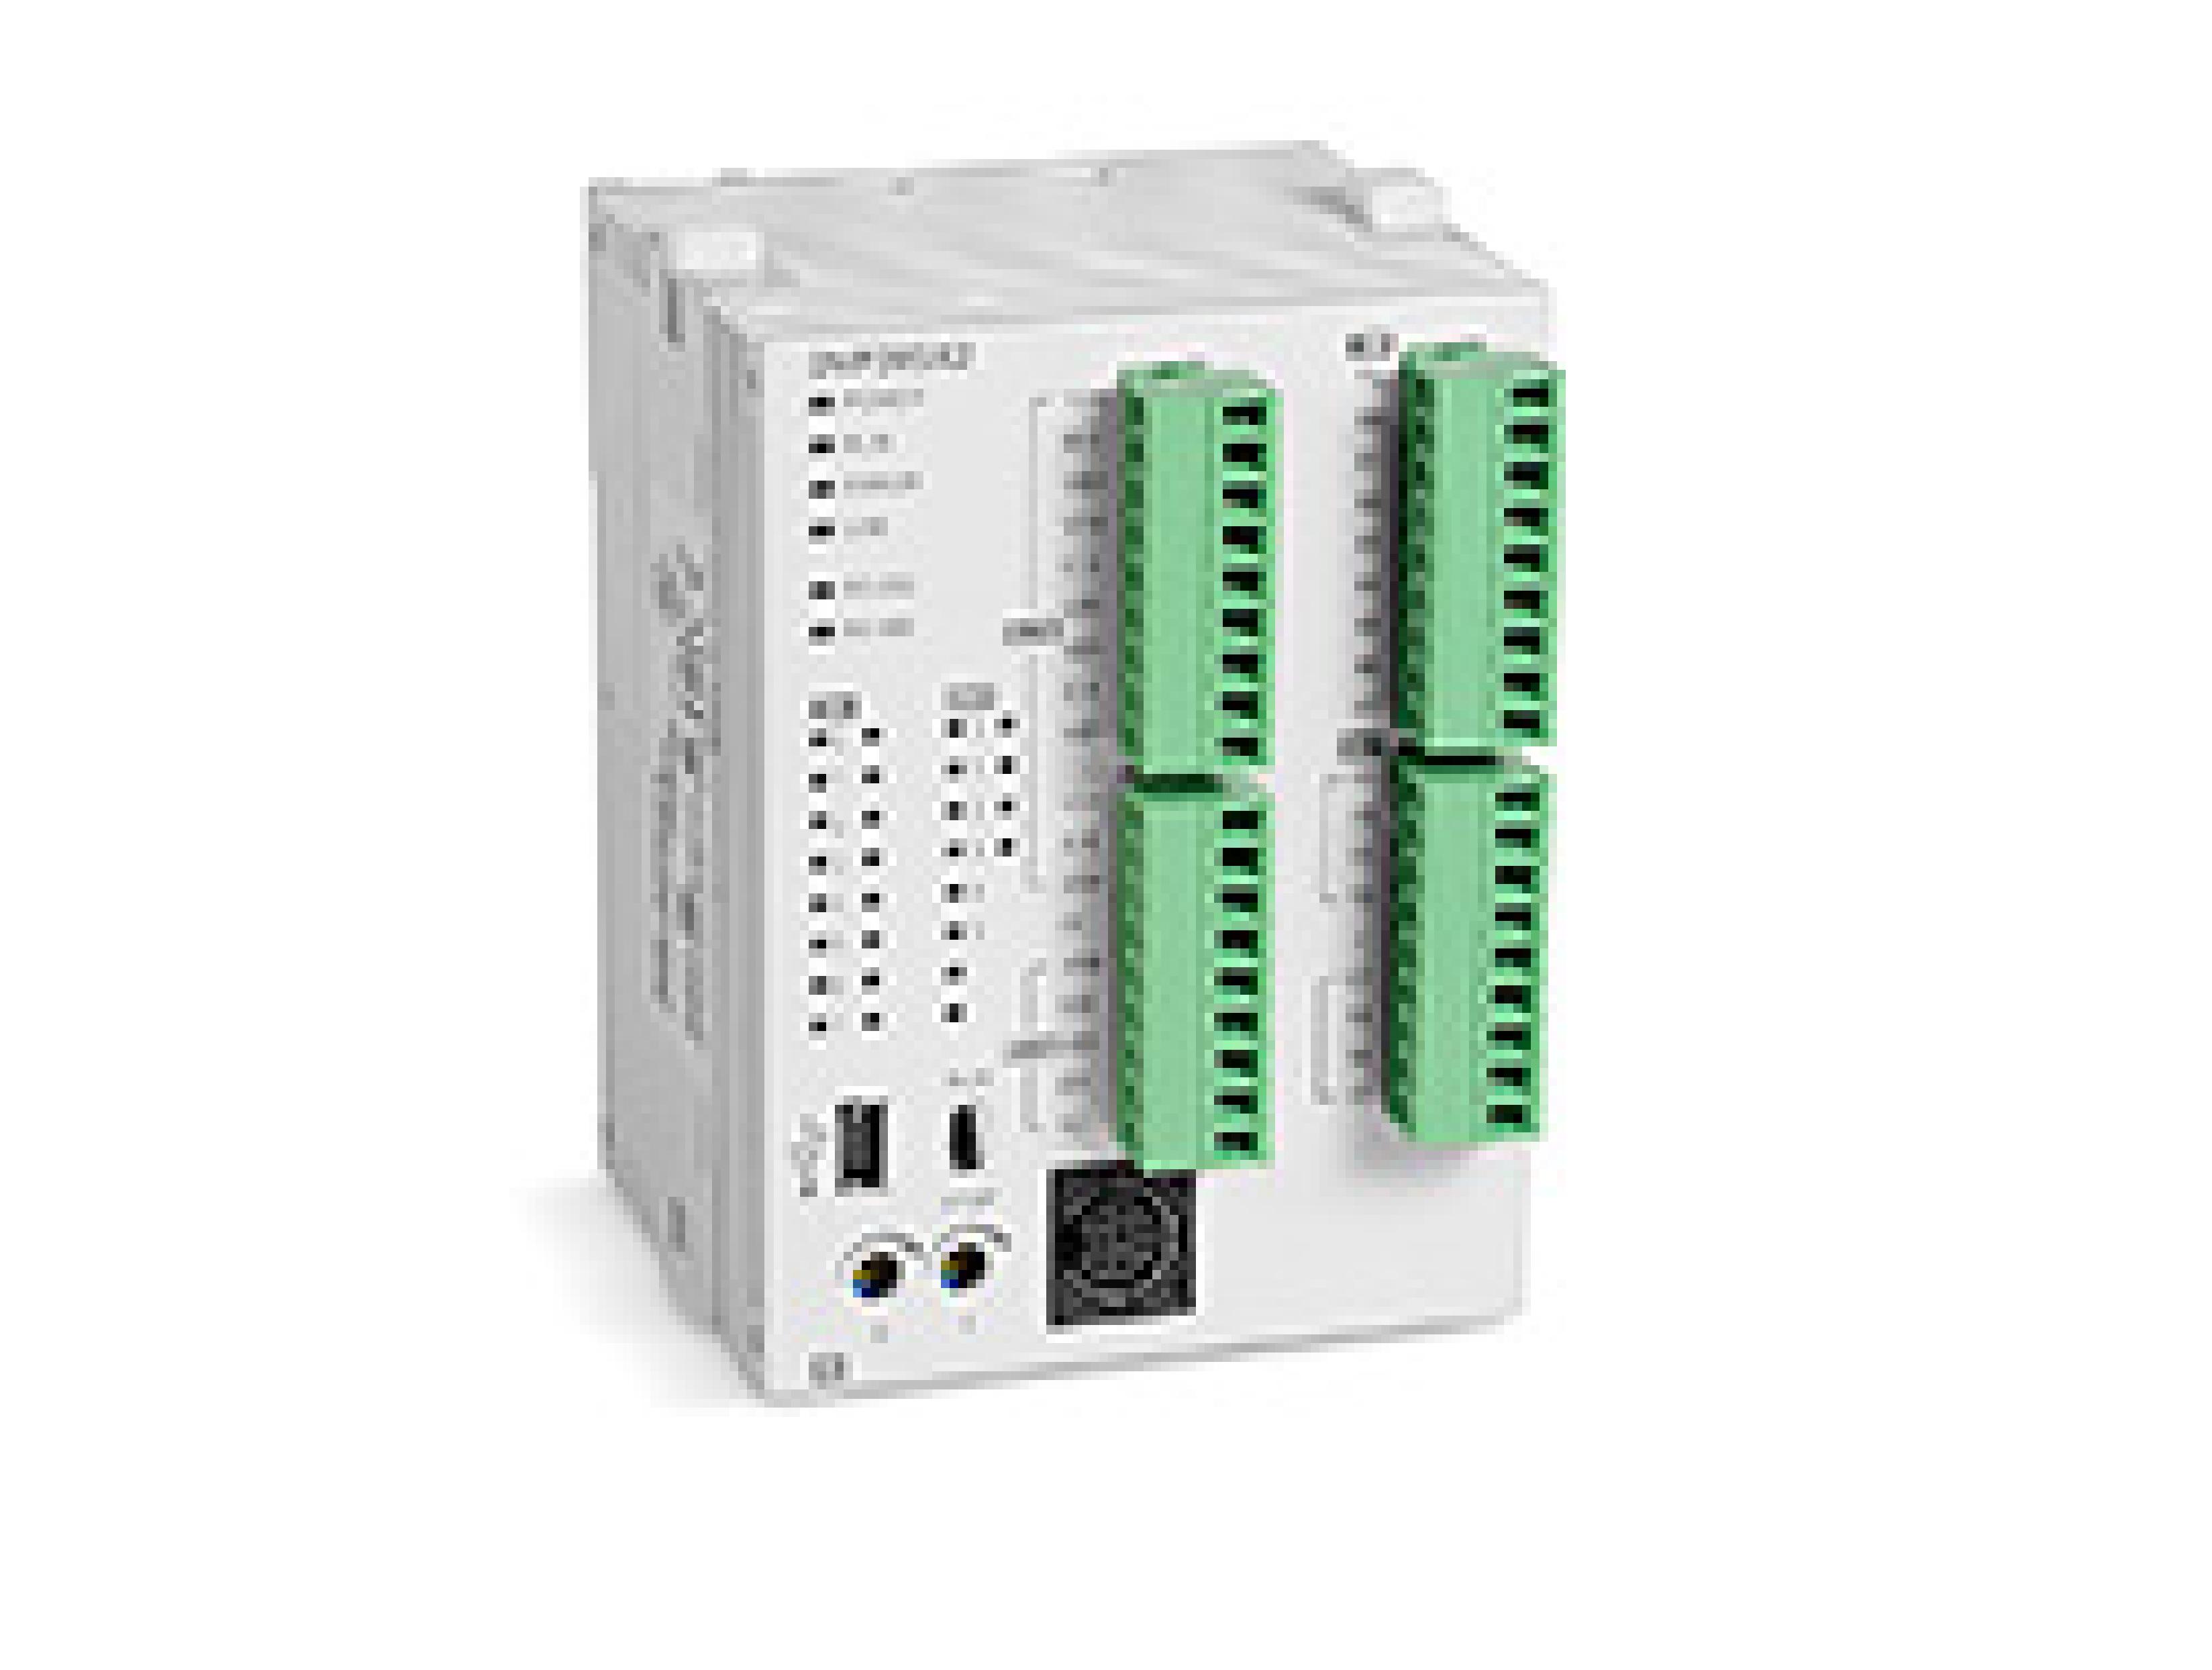 ПЛК серии S DVP-SX2 с расширенным набором функций с аналоговыми входами/выходами